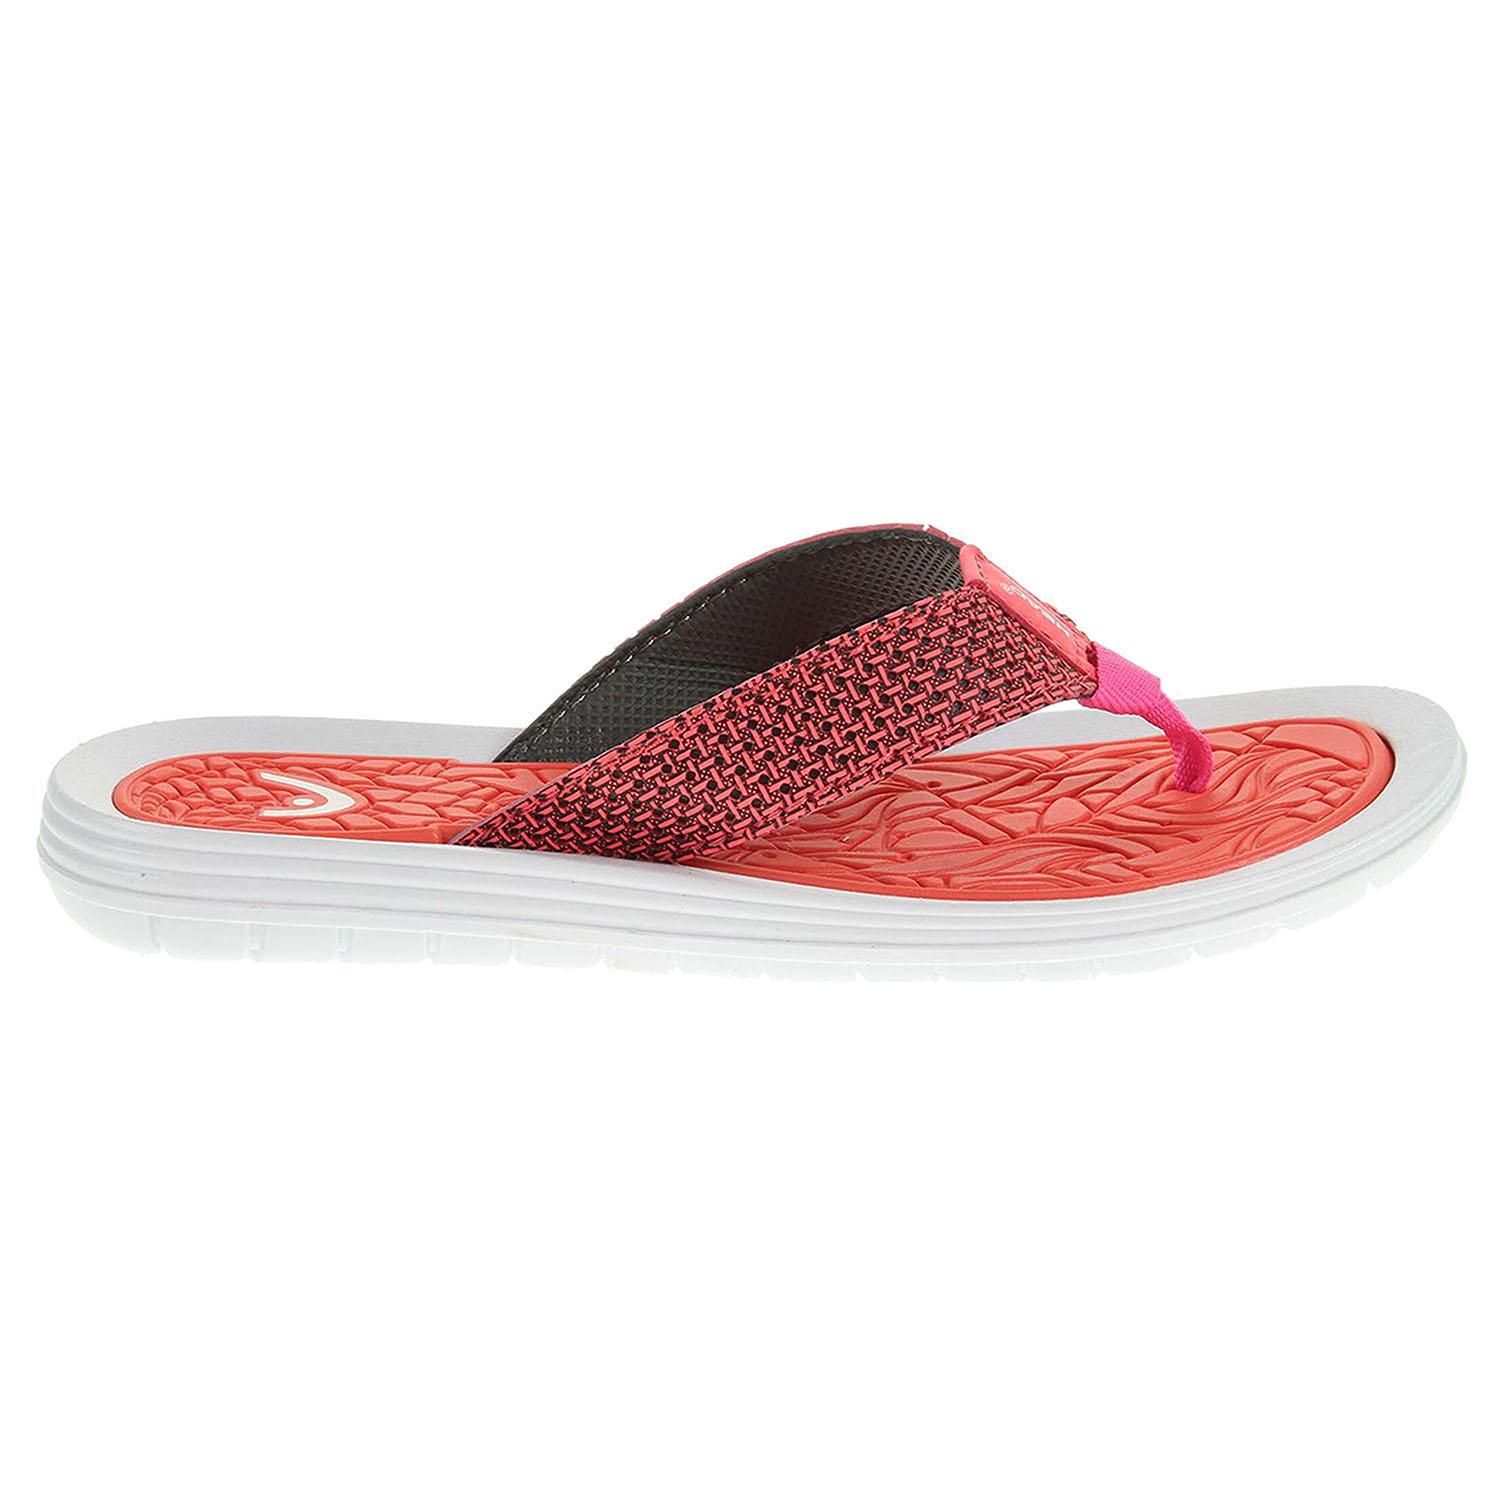 Ecco Head plážové pantofle HY-210-35-01 oranžové 23700332